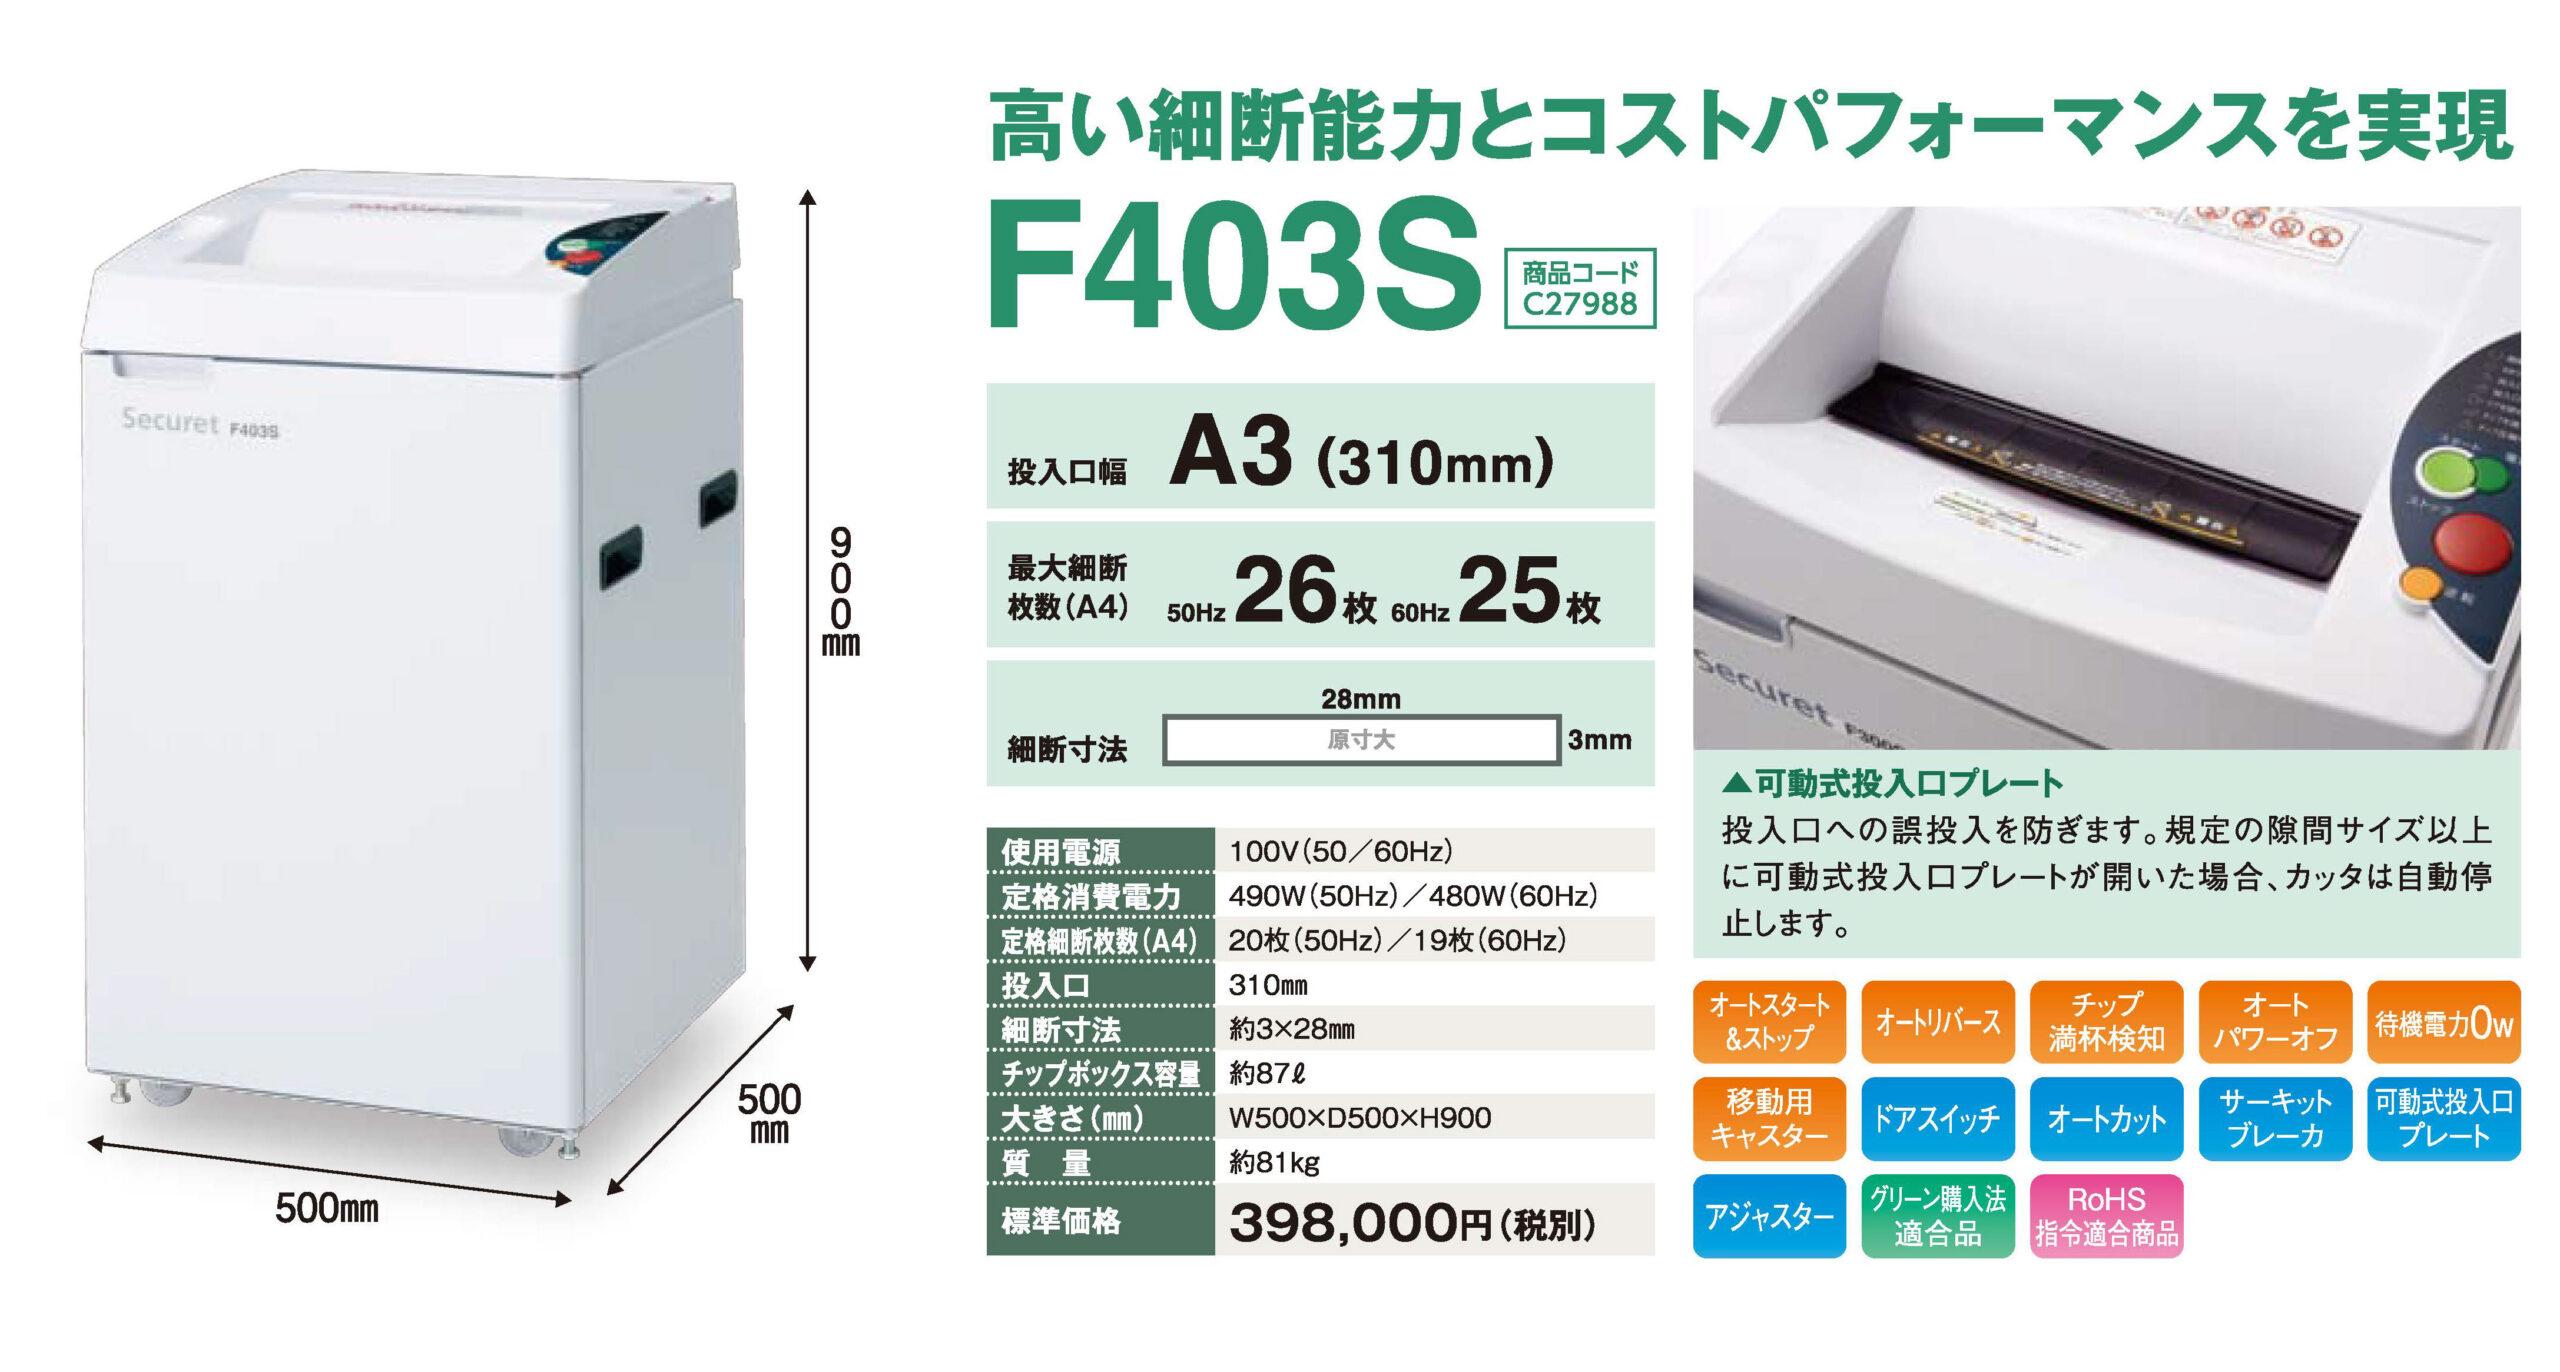 石澤製作所 セキュレットシュレッダF403S